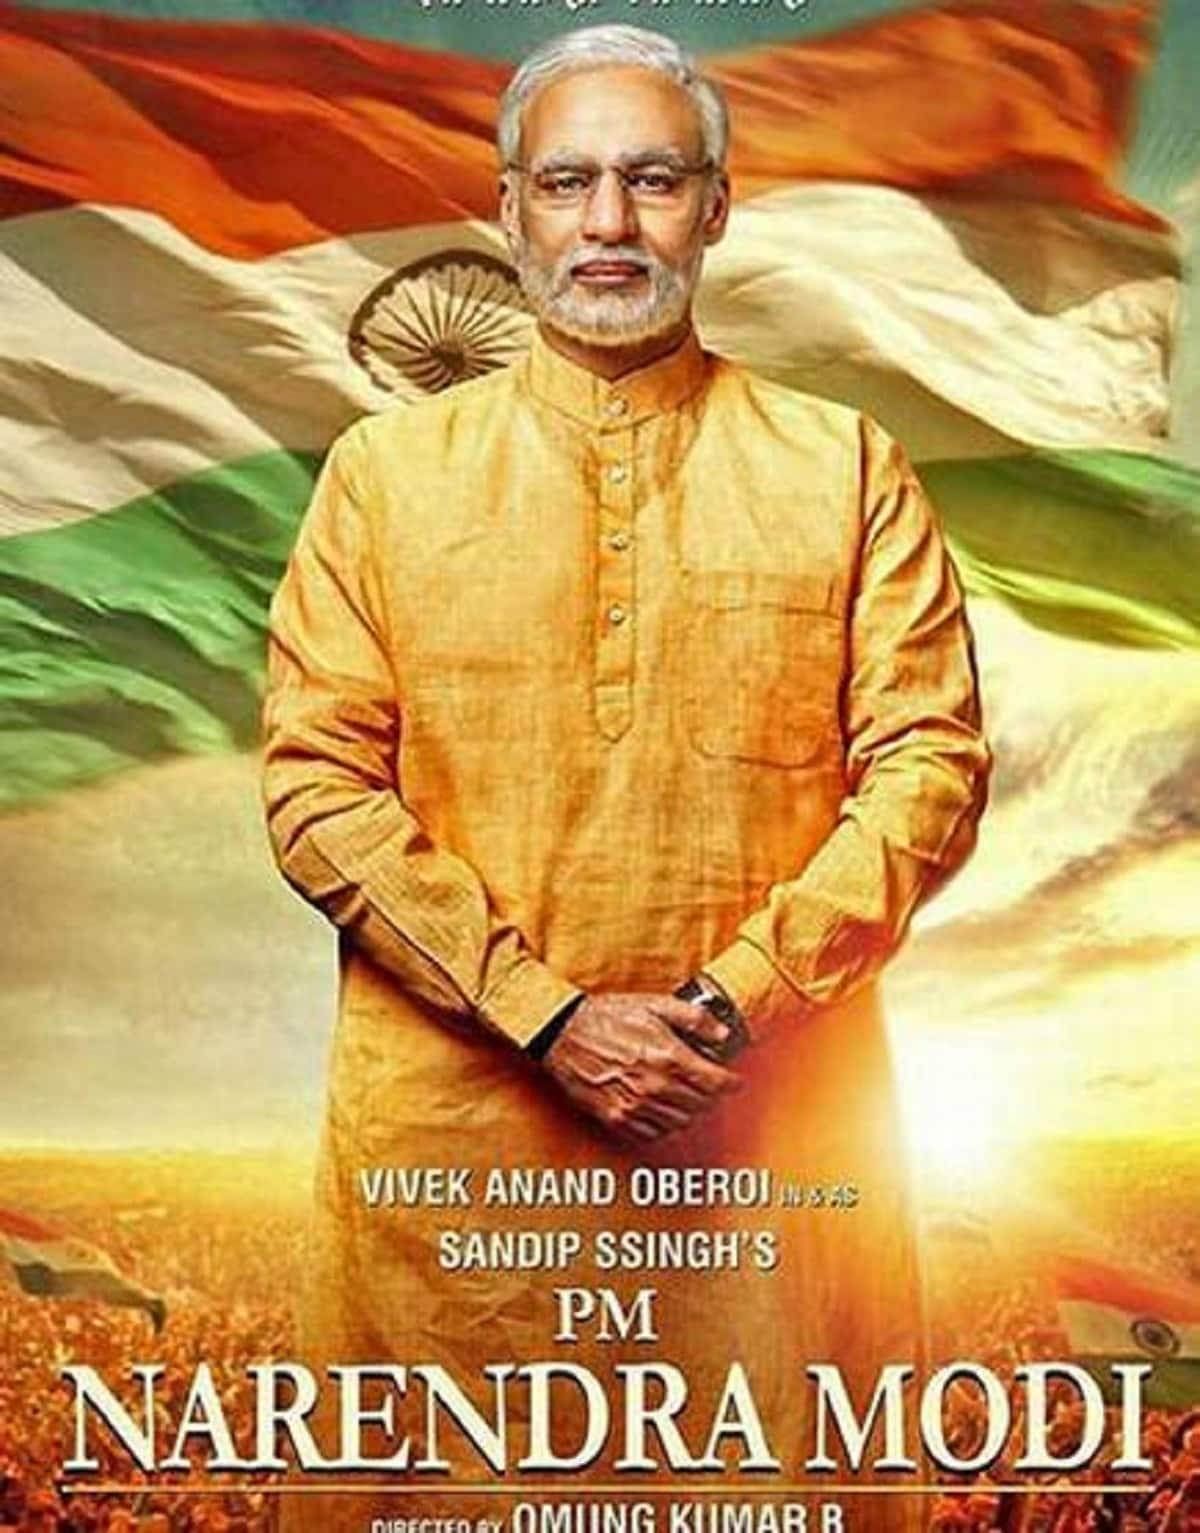 खबरहै कि 15 तारीख को दिखाई जाने वाली पहली तस्वीर पीएम नरेंद्र मोदी है. इस फिल्म में विवेक ओबेरॉय ने नरेंद्र मोदी की भूमिका निभाई है.